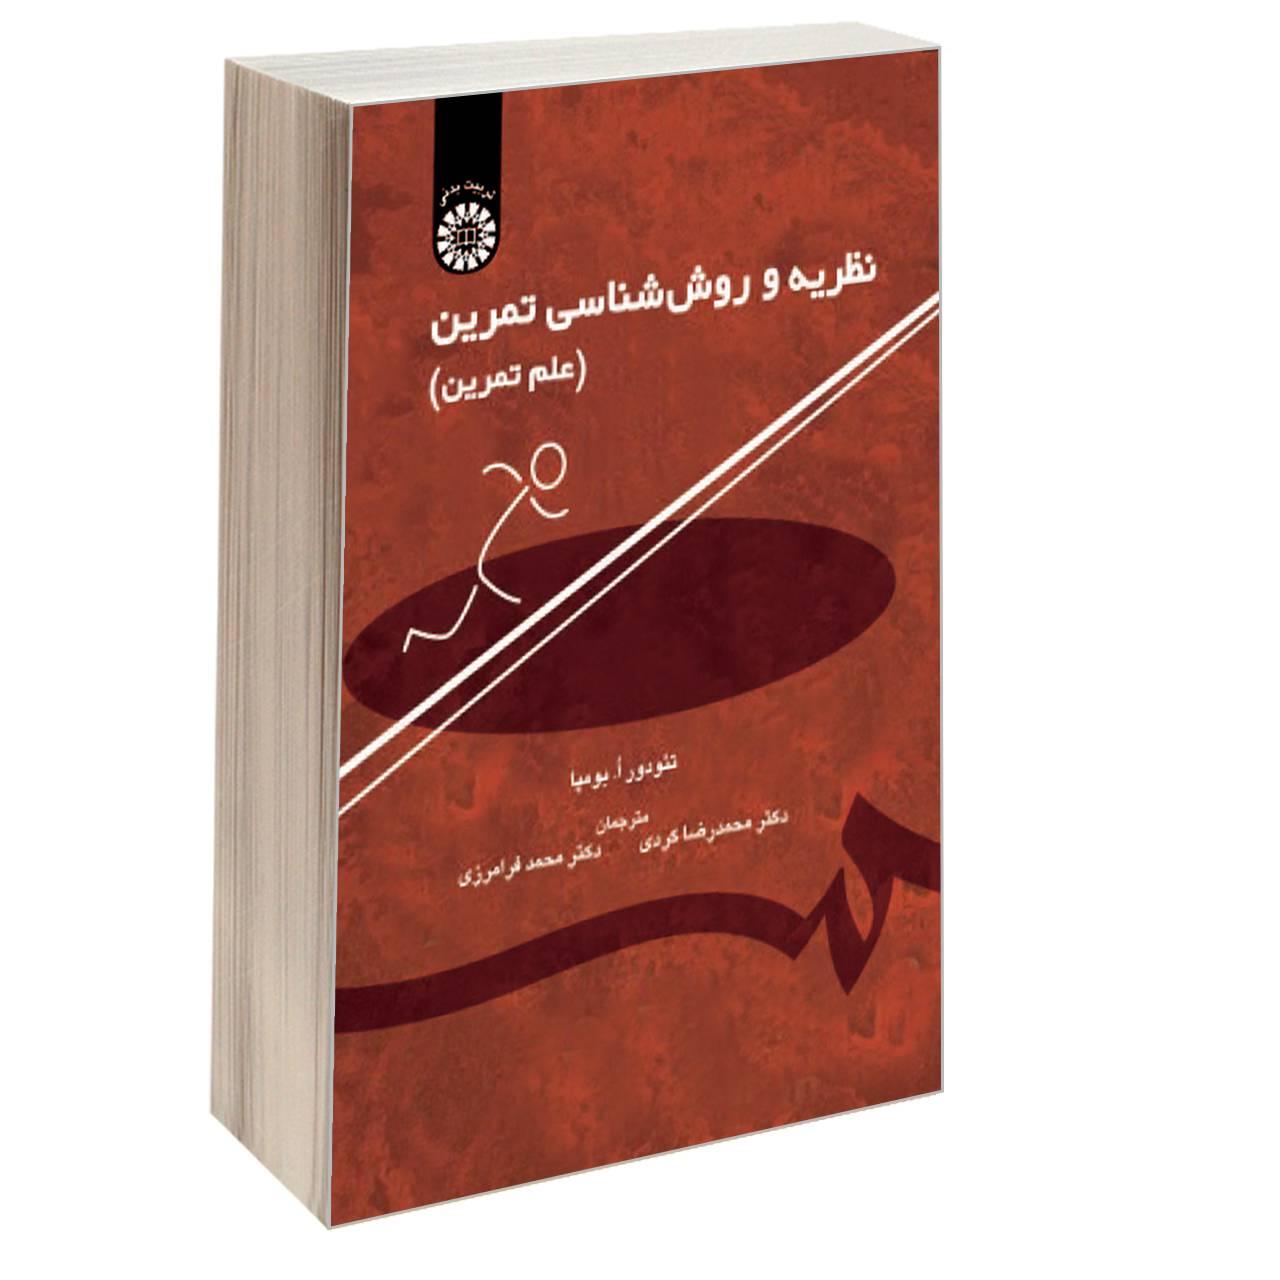 خرید                      کتاب نظریه و روش شناسی تمرین (علم تمرین) اثر تئودور ا. بومپا نشر سمت